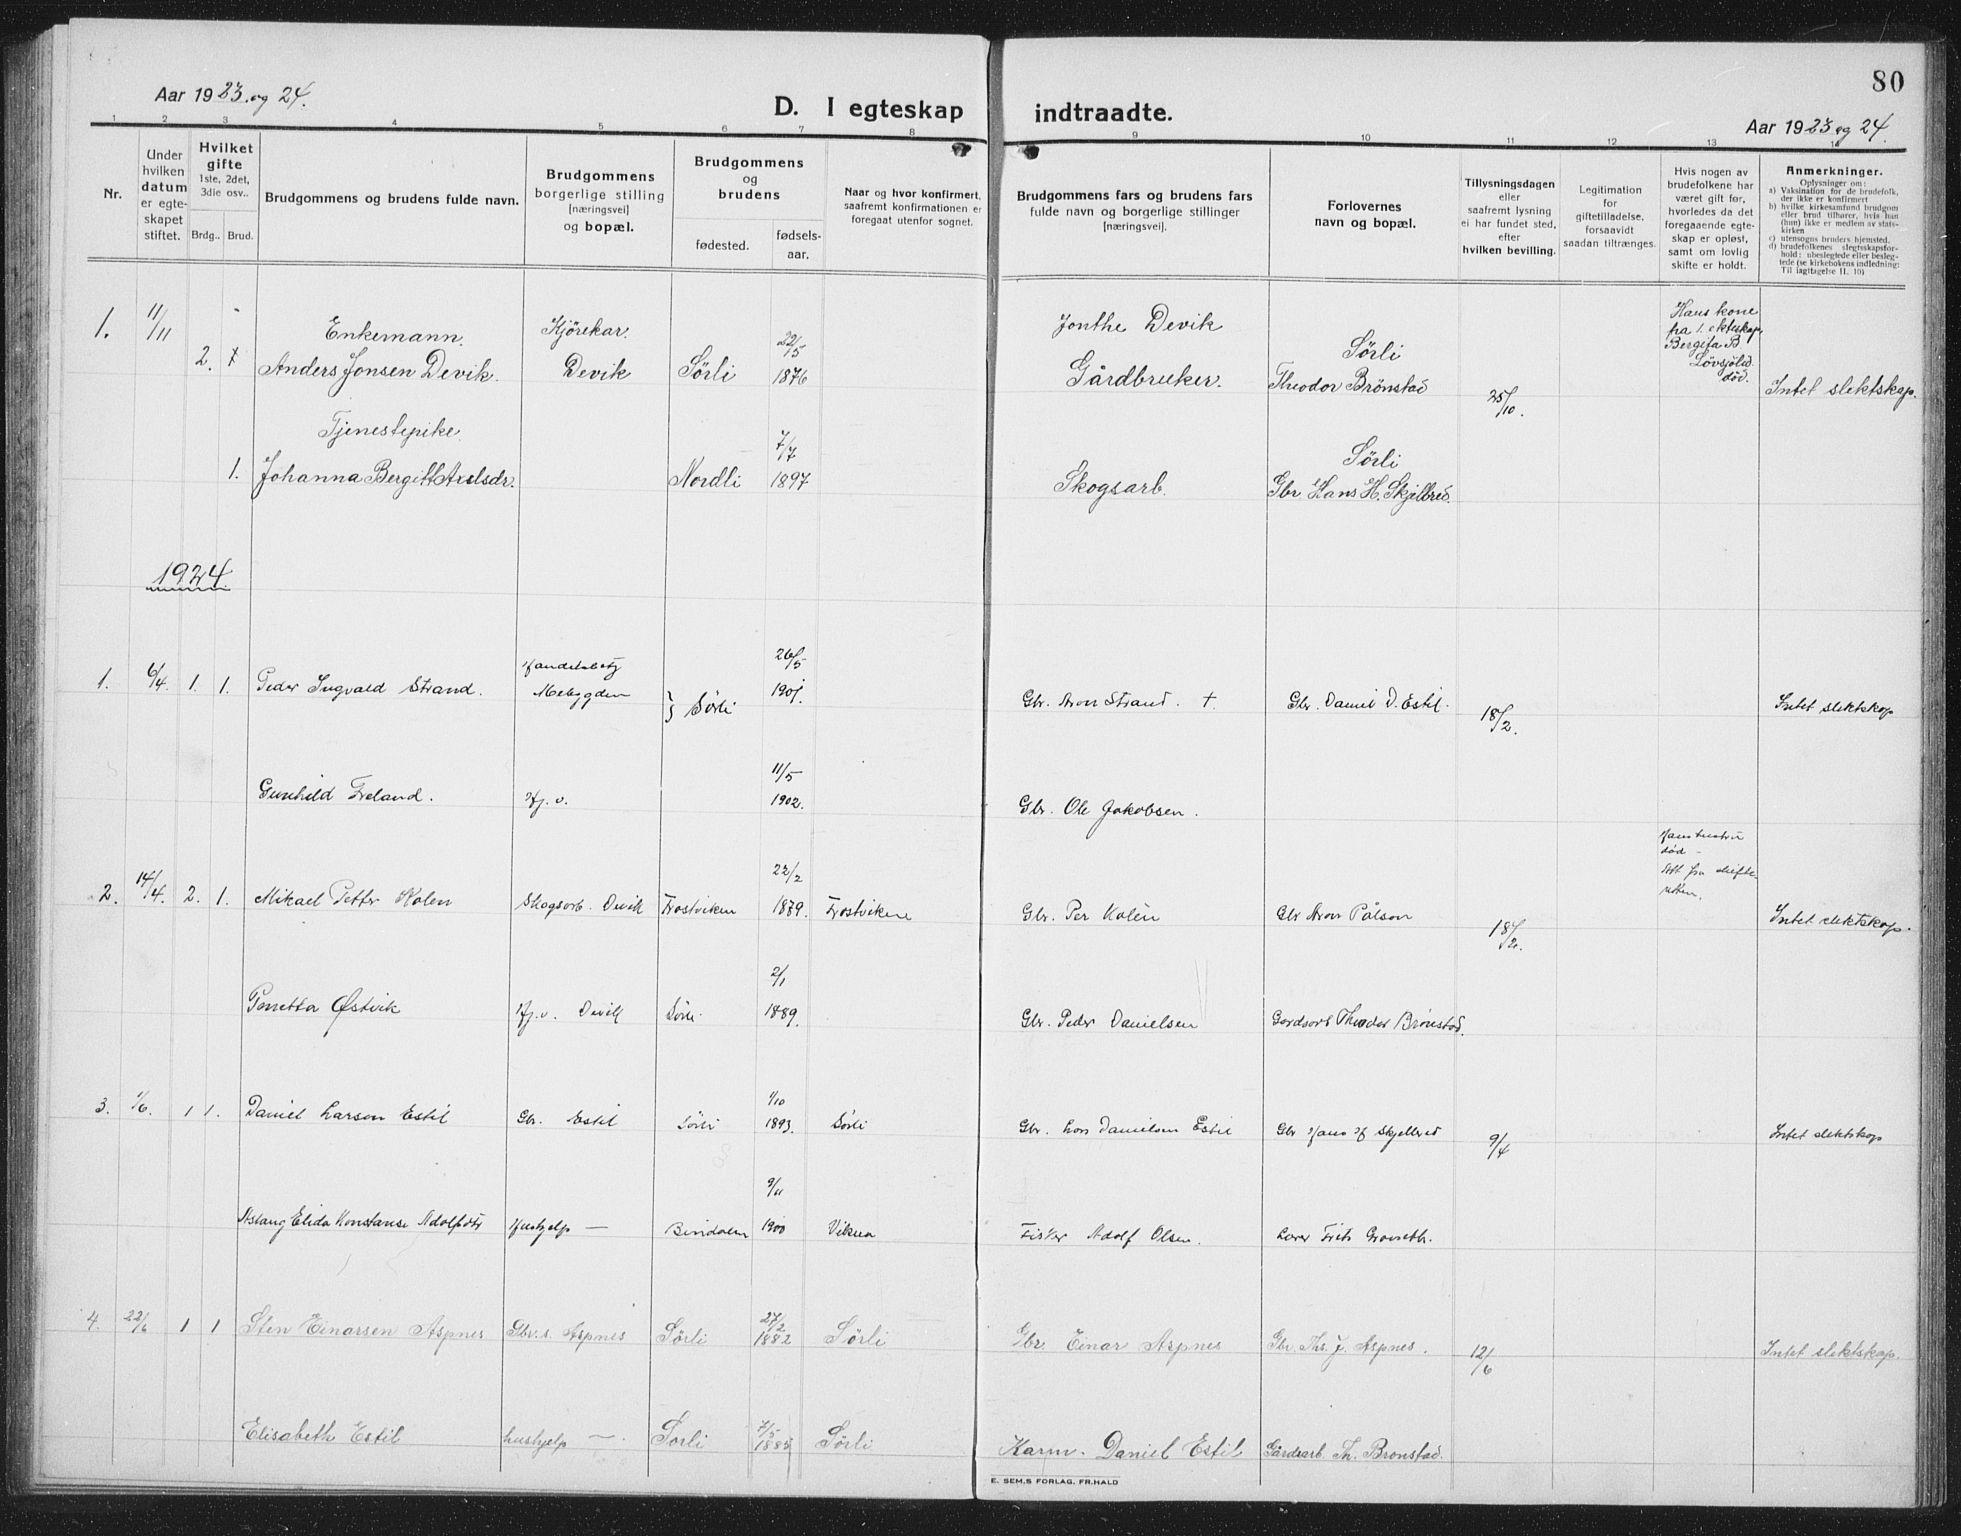 SAT, Ministerialprotokoller, klokkerbøker og fødselsregistre - Nord-Trøndelag, 757/L0507: Klokkerbok nr. 757C02, 1923-1939, s. 80